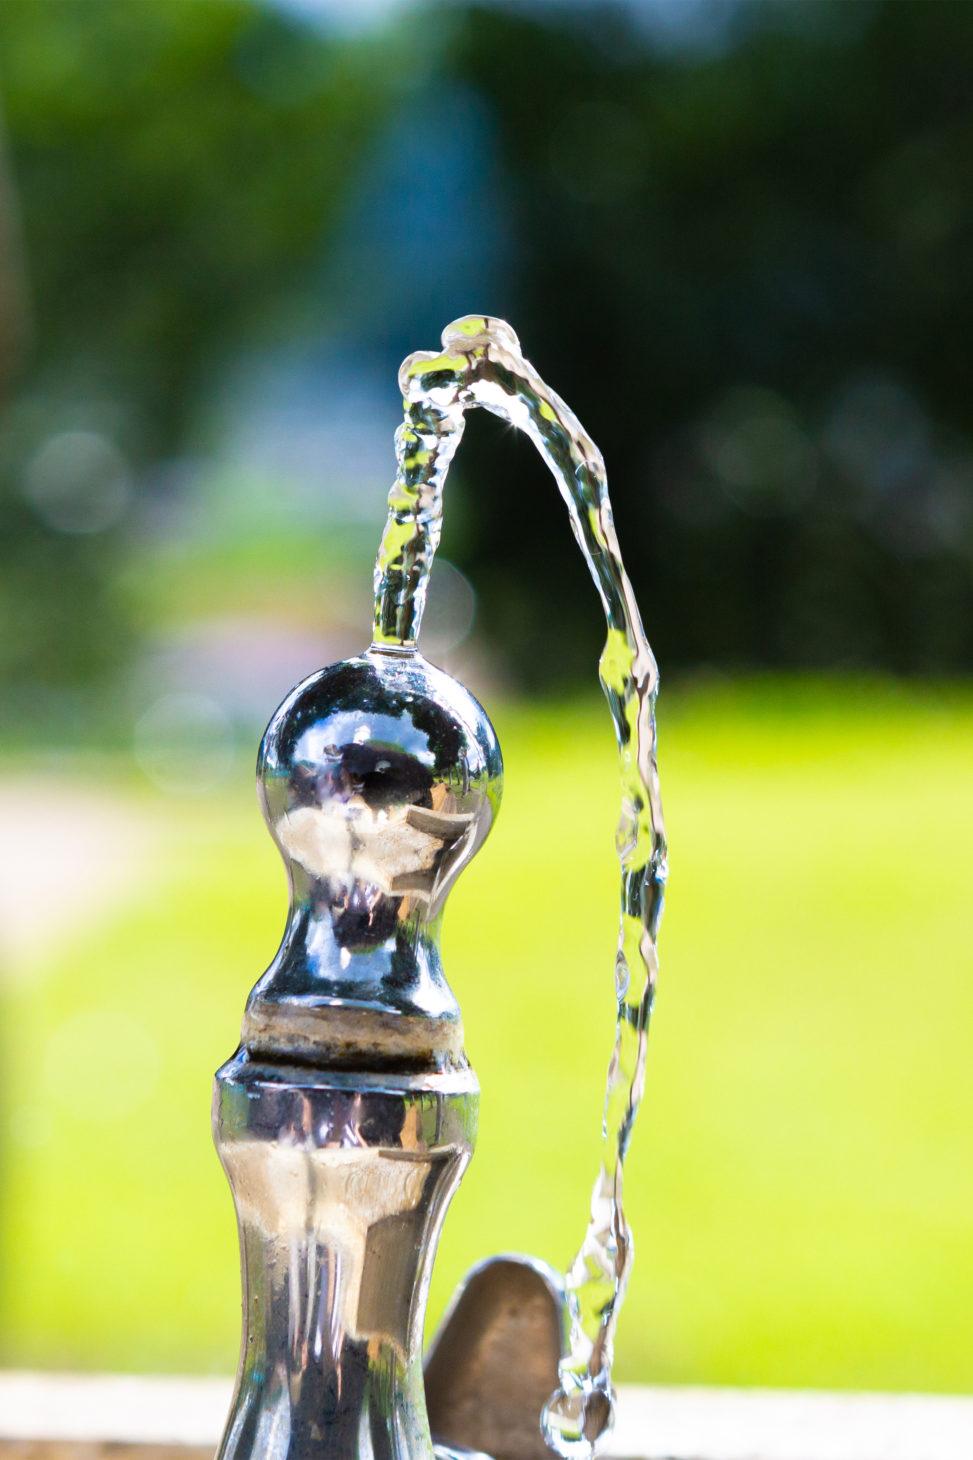 公園の水飲み場02の写真素材